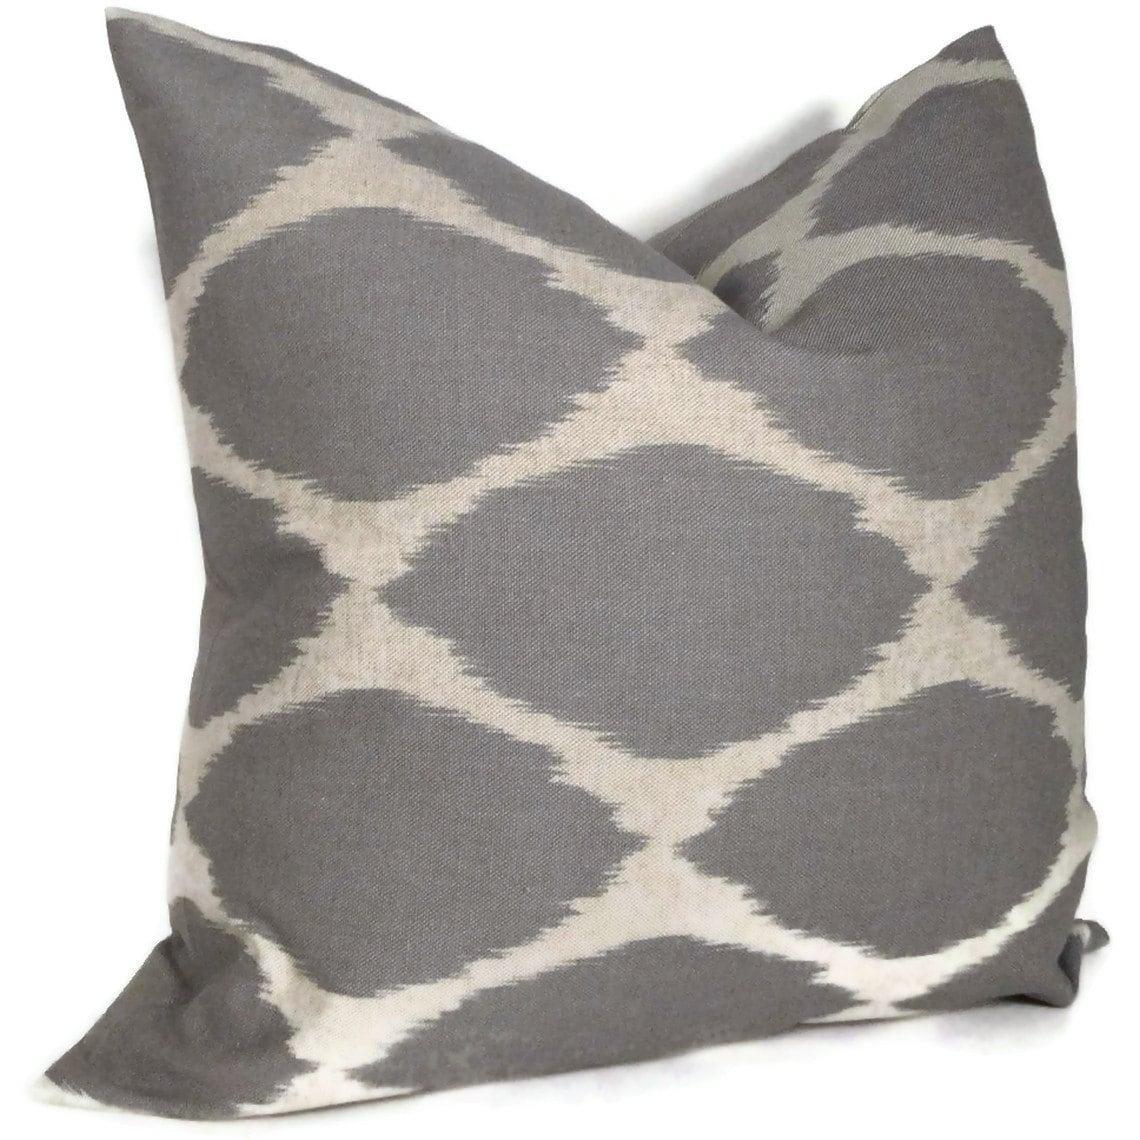 West Elm Gray Ikat Decorative Pillow Cover Lumbar Pillow